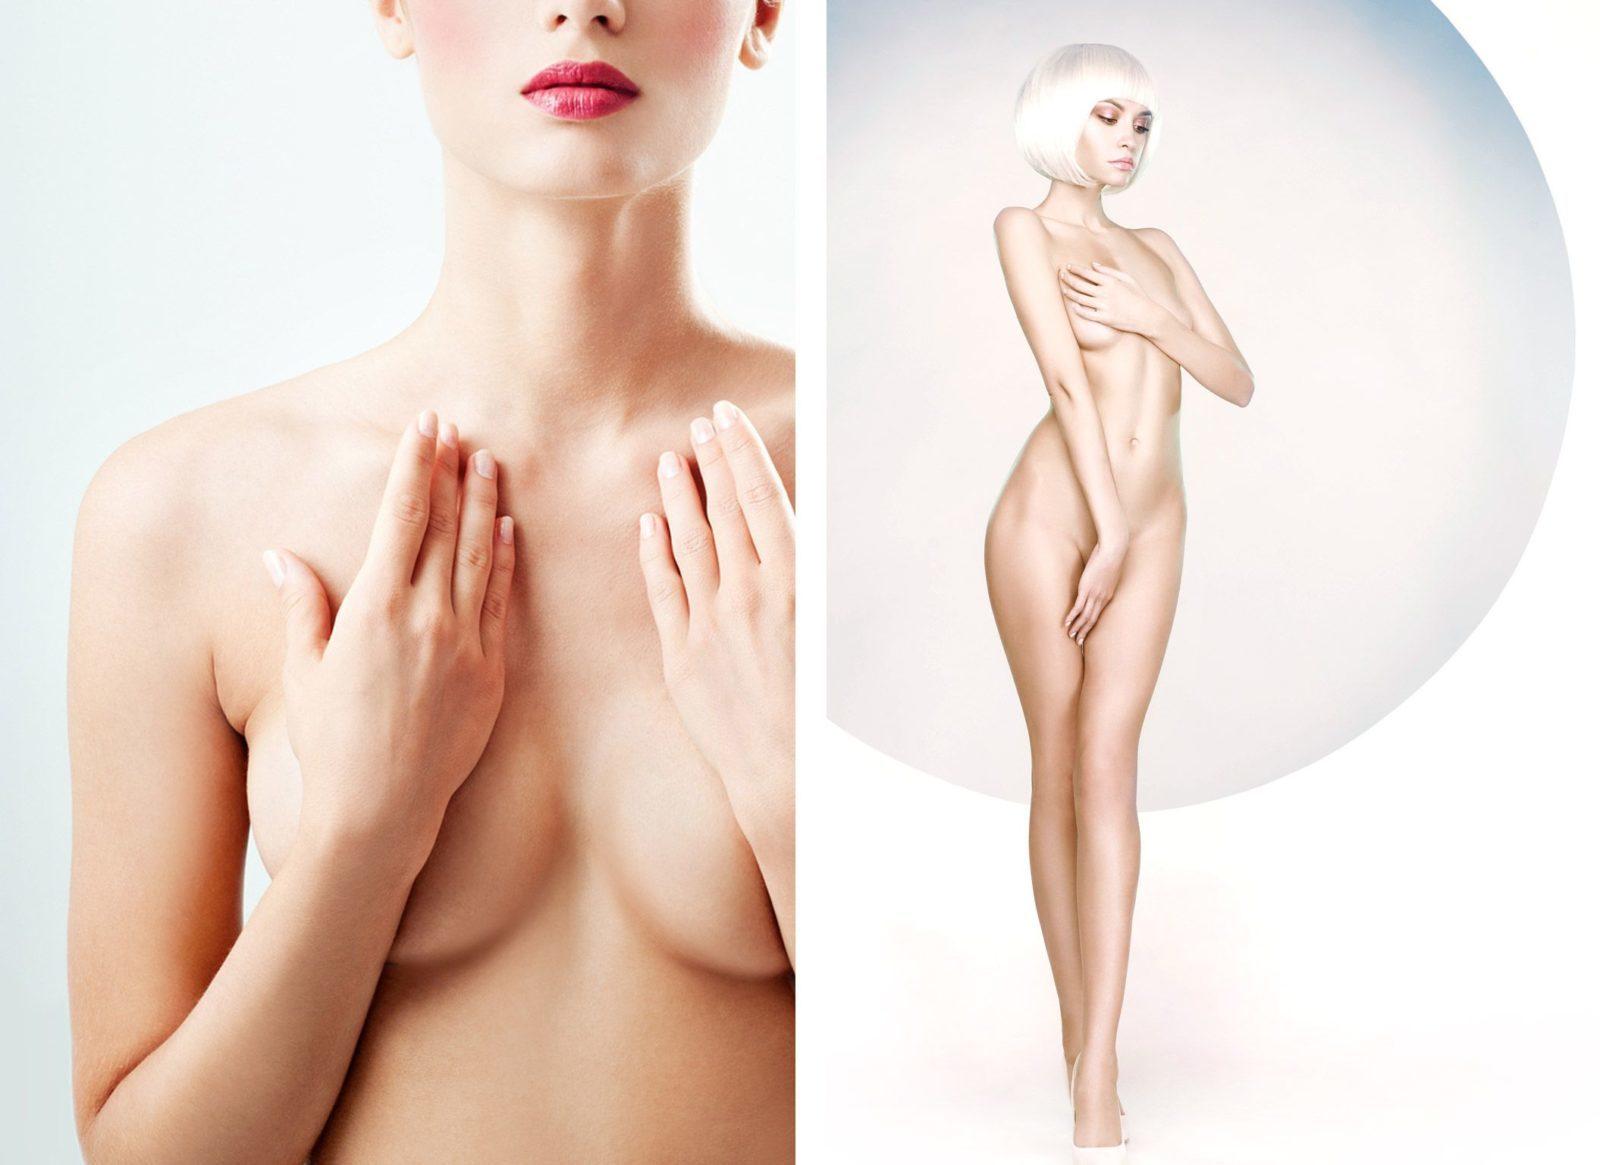 Modèle pour la Chirurgie esthétique du corps et des seins avec le Dr Petit à Paris